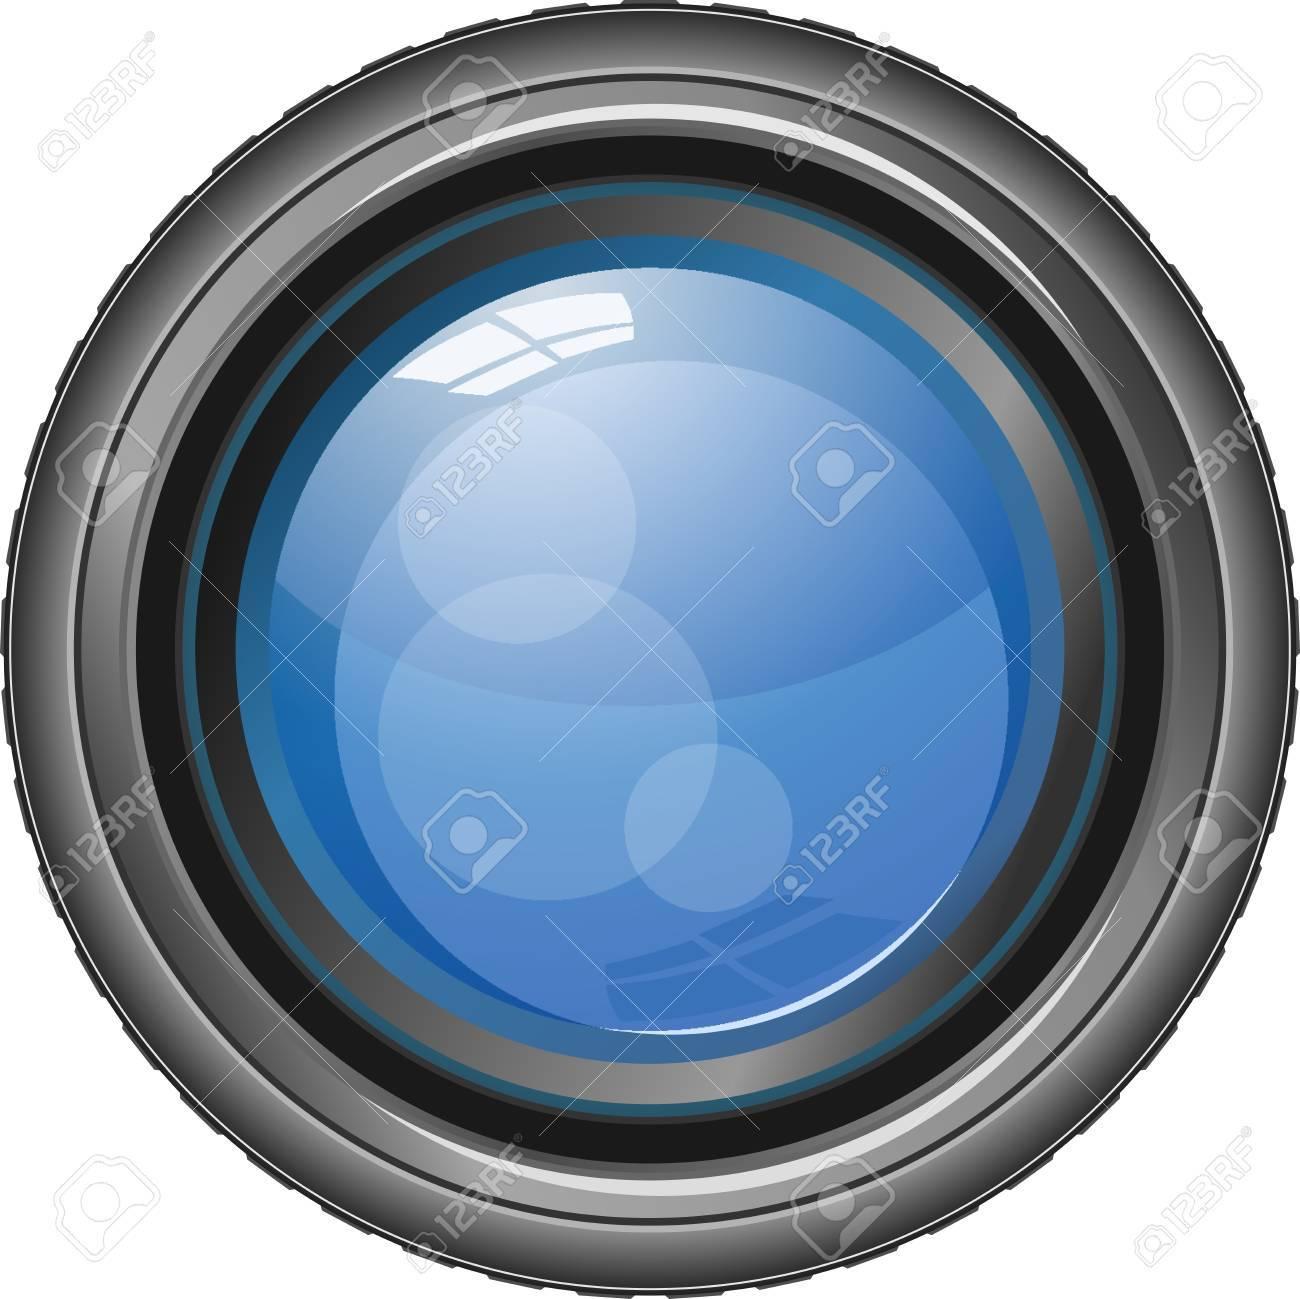 カメラのレンズのベクトル イラスト ロイヤリティフリークリップアート